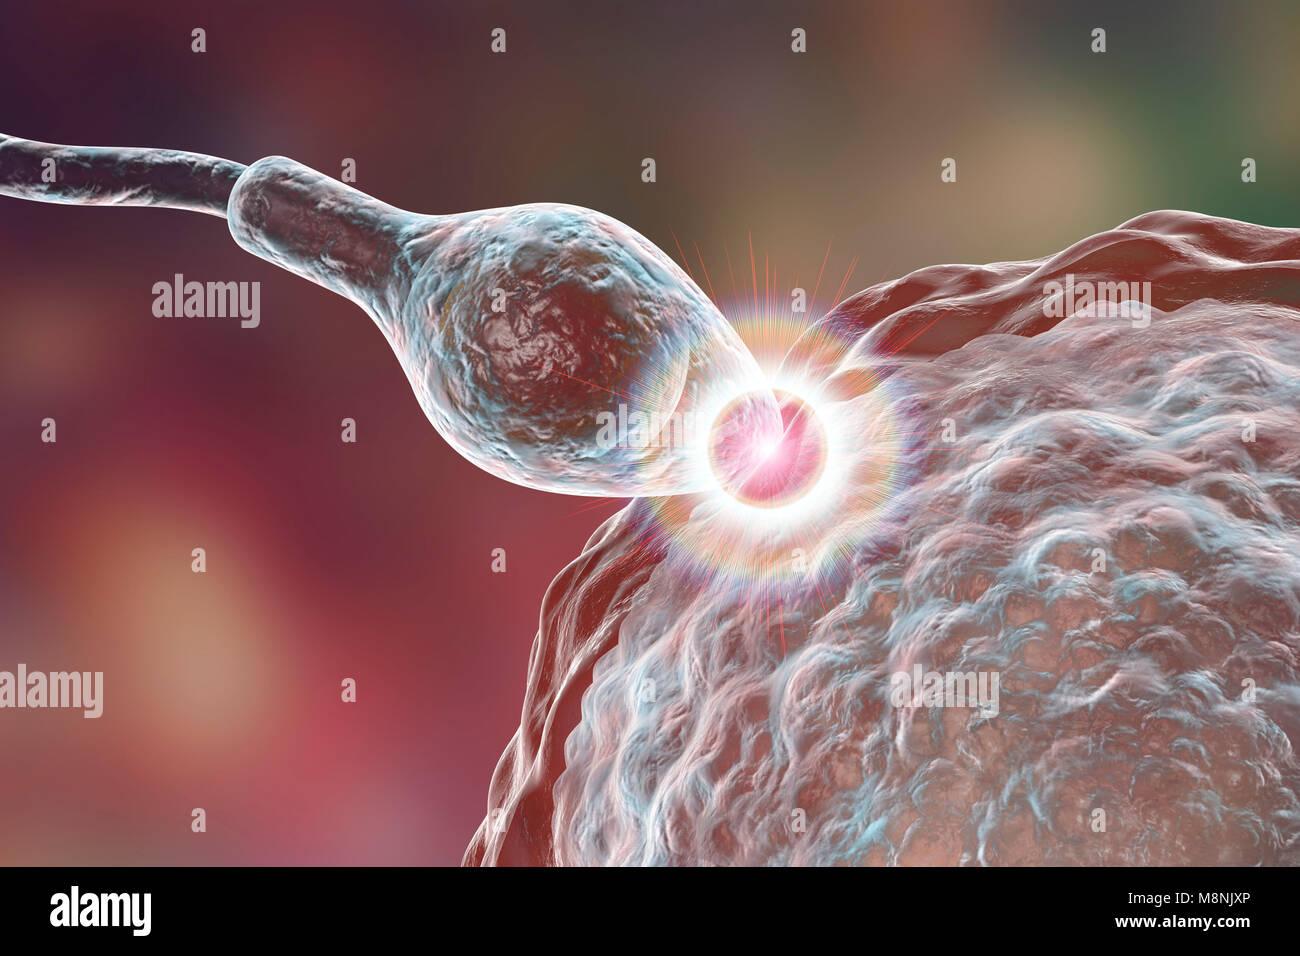 Spermien befruchtete Ei, computer Abbildung. Die Samenzellen hat ...